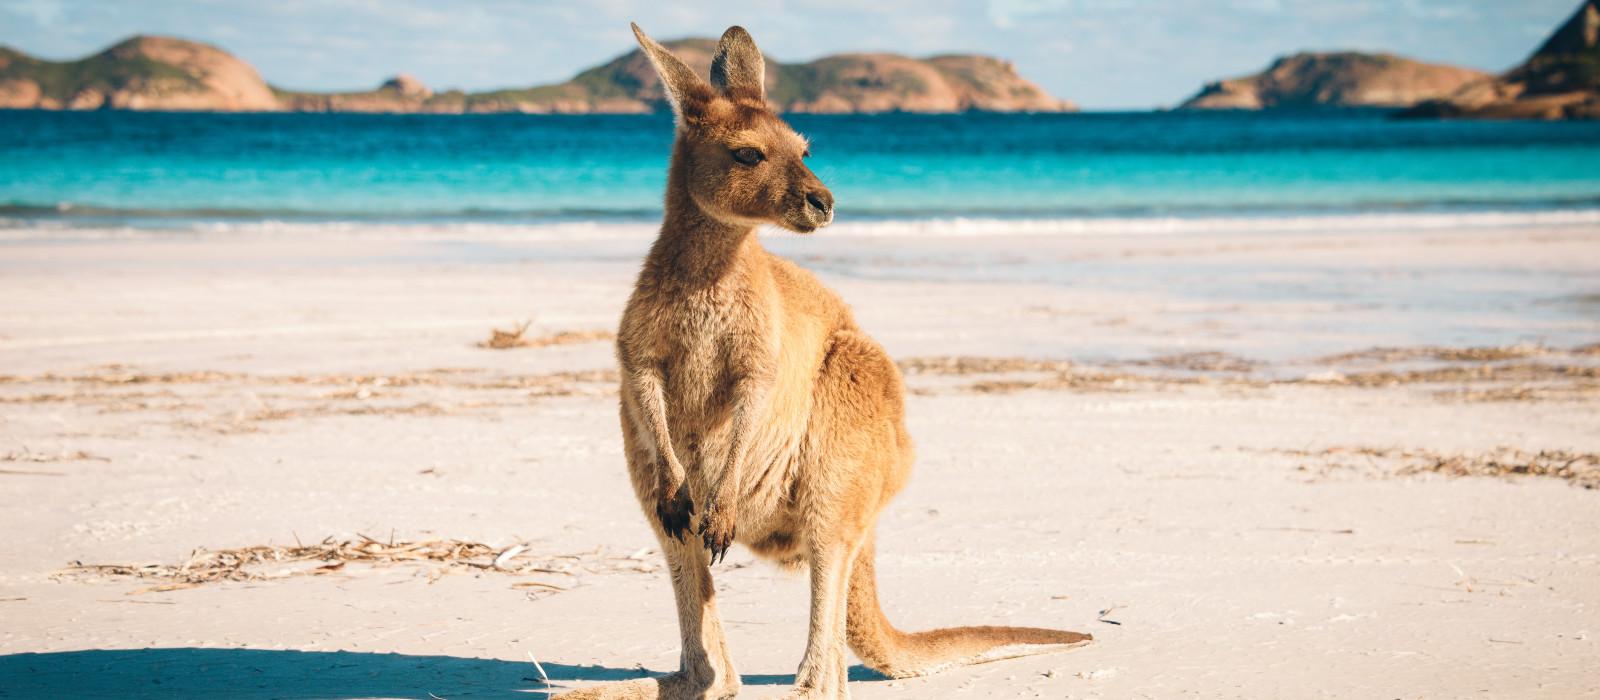 Australien Luxusreise – stilvoll in Down Under Urlaub 1